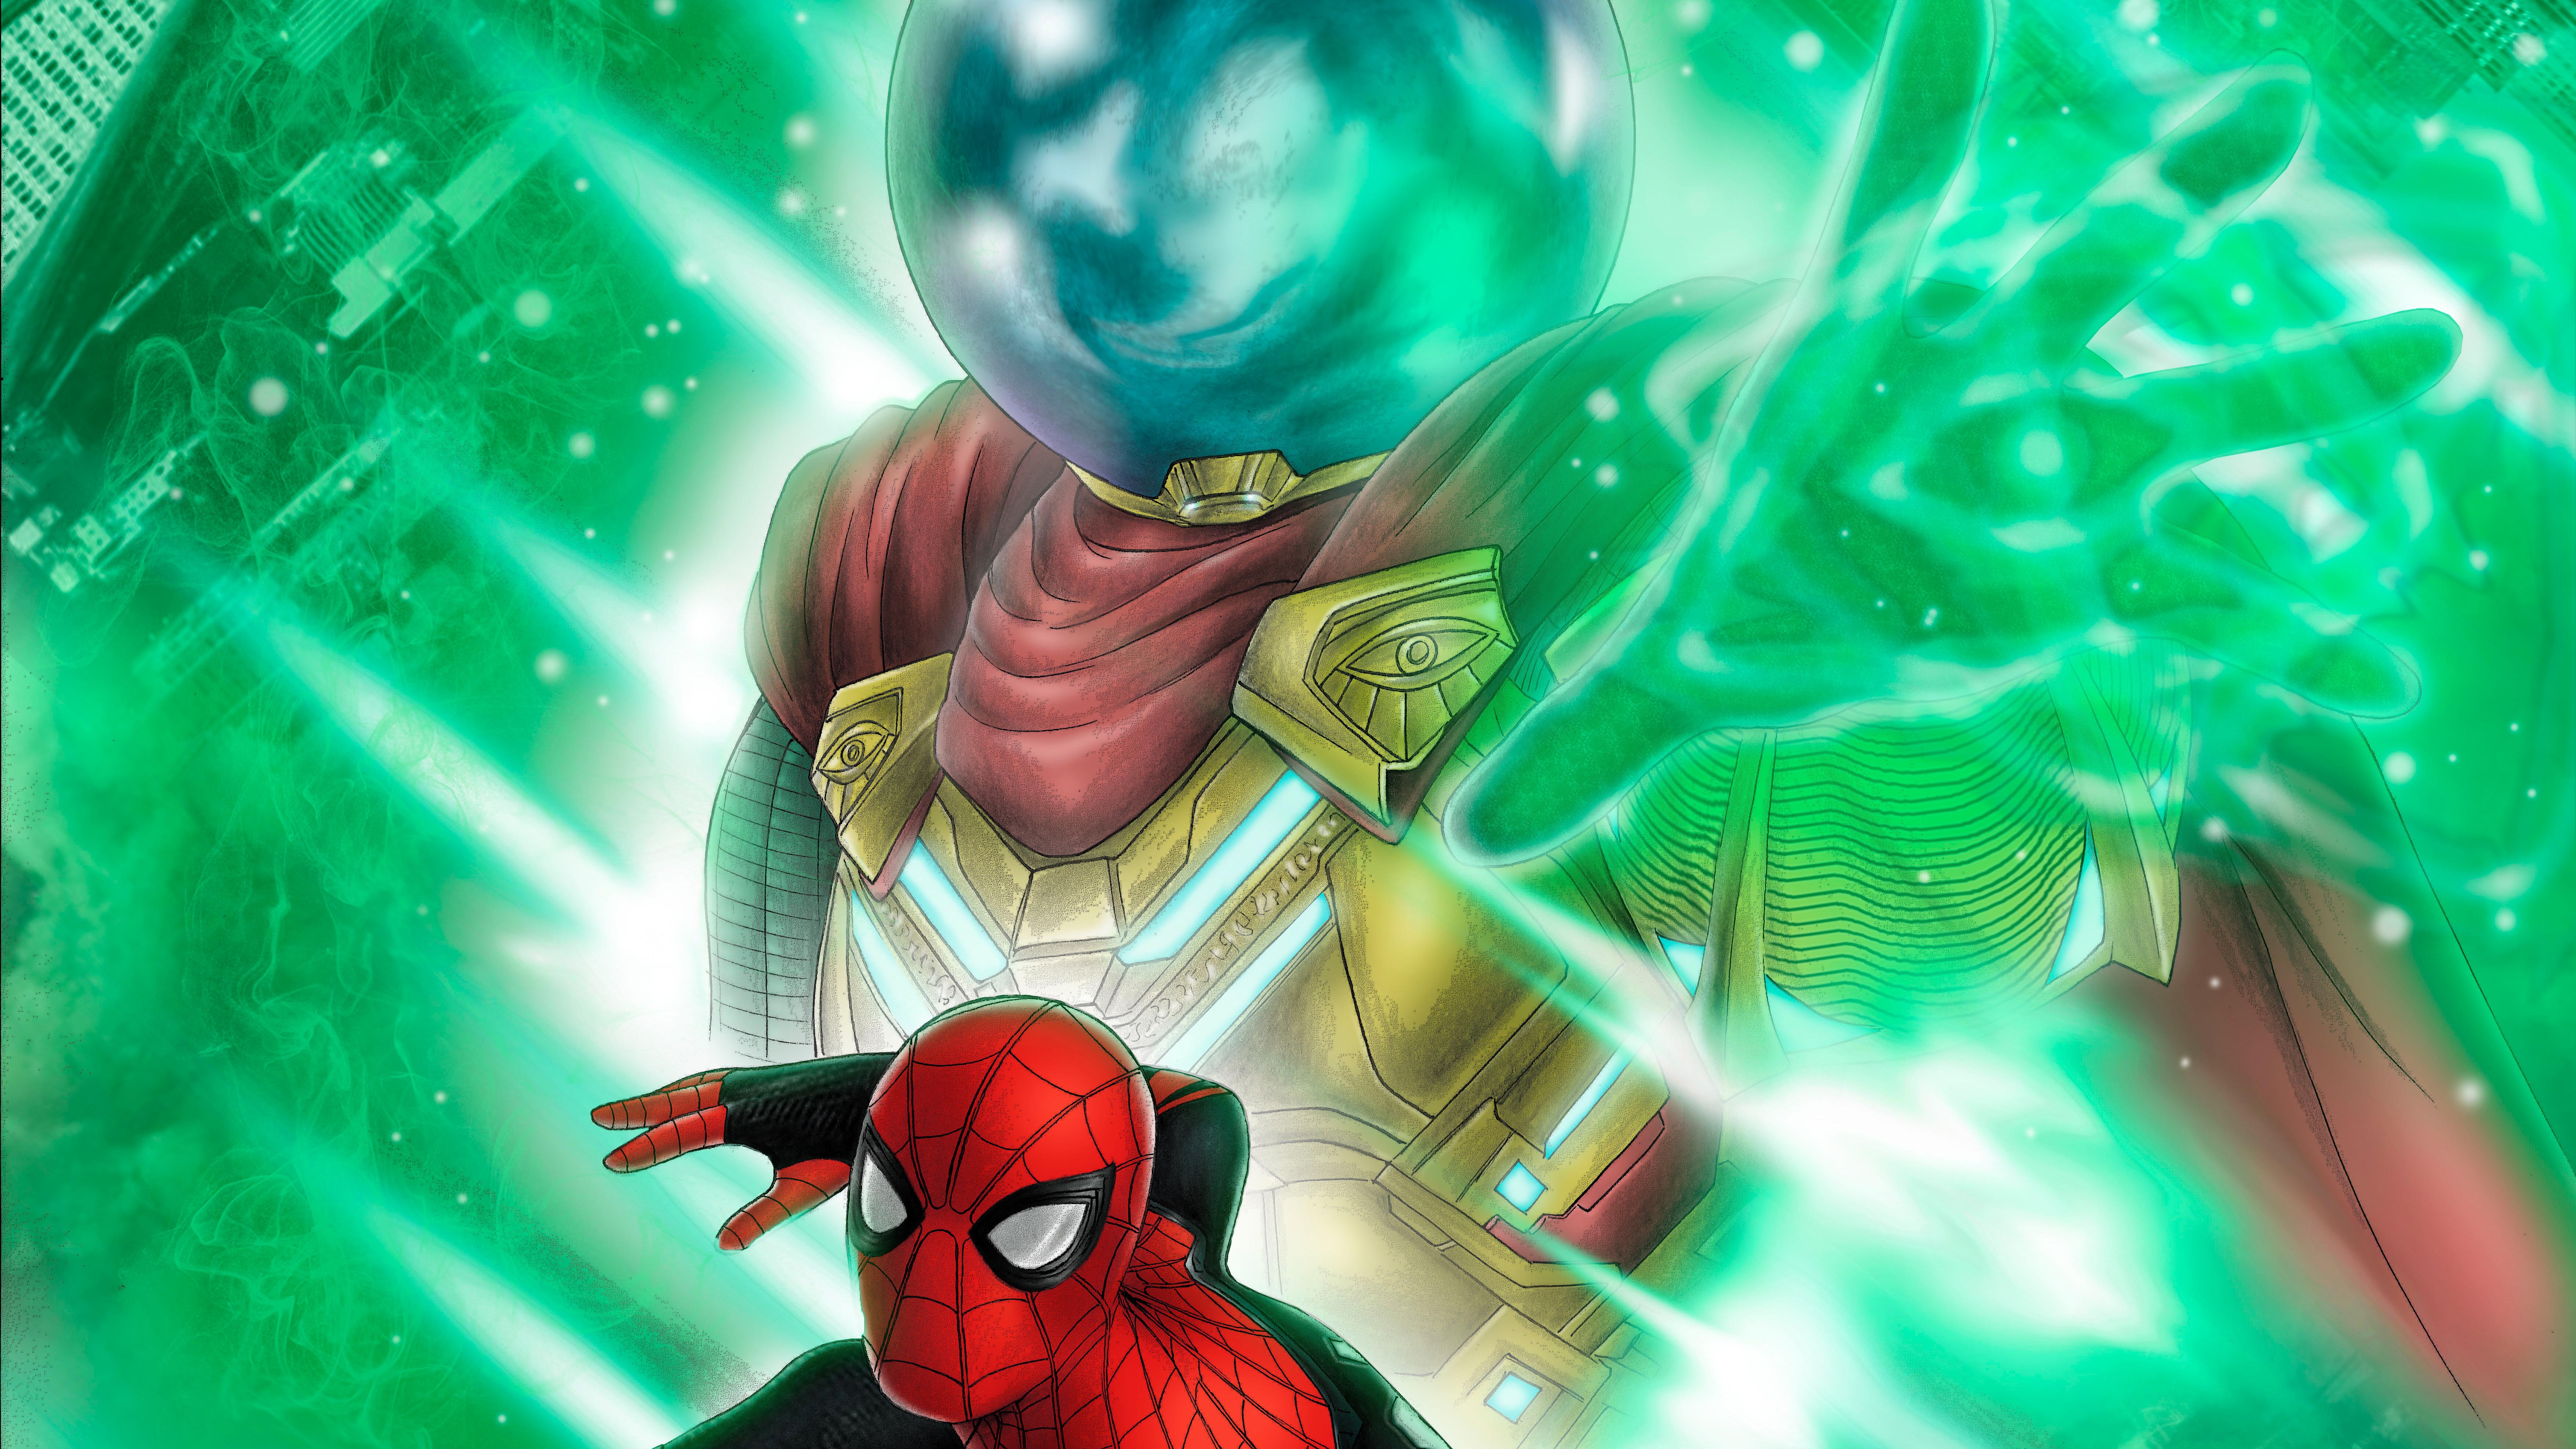 Spiderman Vs Mysterio 2019 8k, HD Superheroes, 4k Wallpapers